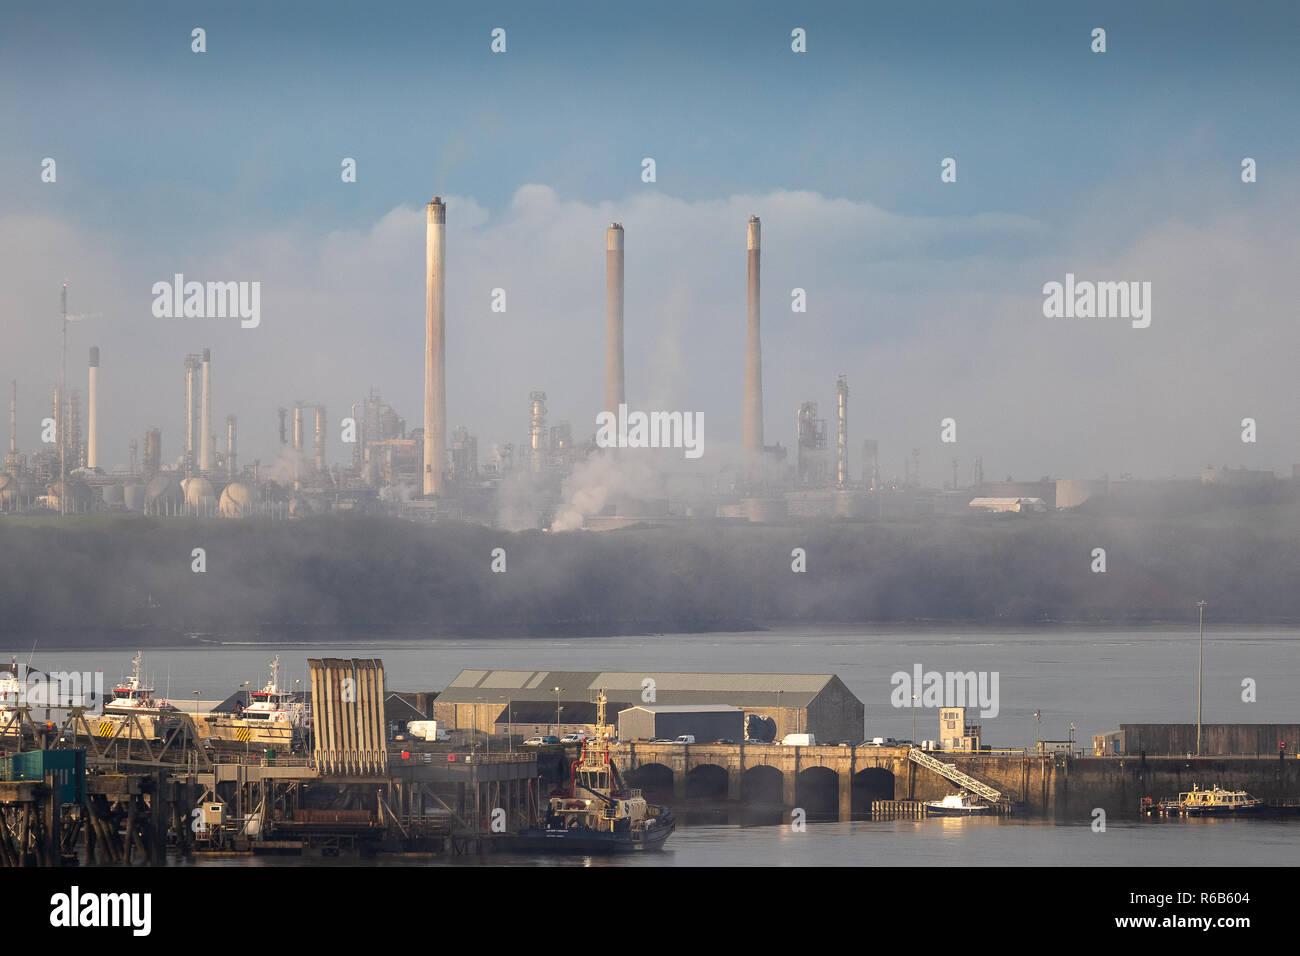 Refinería de Petróleo Valero retratada en la niebla de la mañana temprana Pembroke Dock Gales Foto de stock